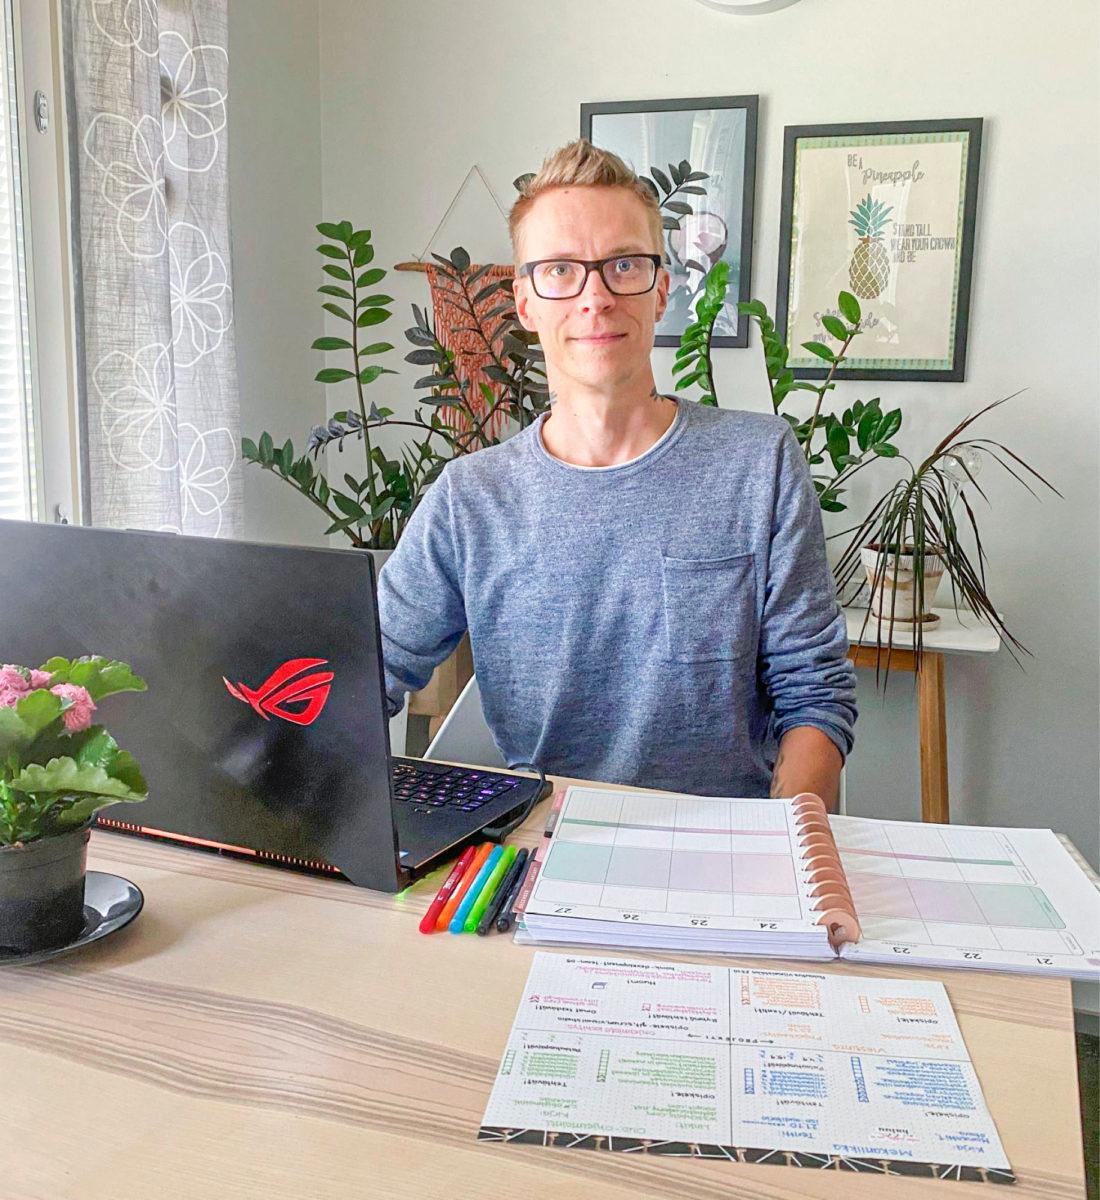 Jesse Lindelillä on kymmenen kuukauden opinnot takana,   ja opintojen muistiinpanoja  on kertynyt jo runsaasti.